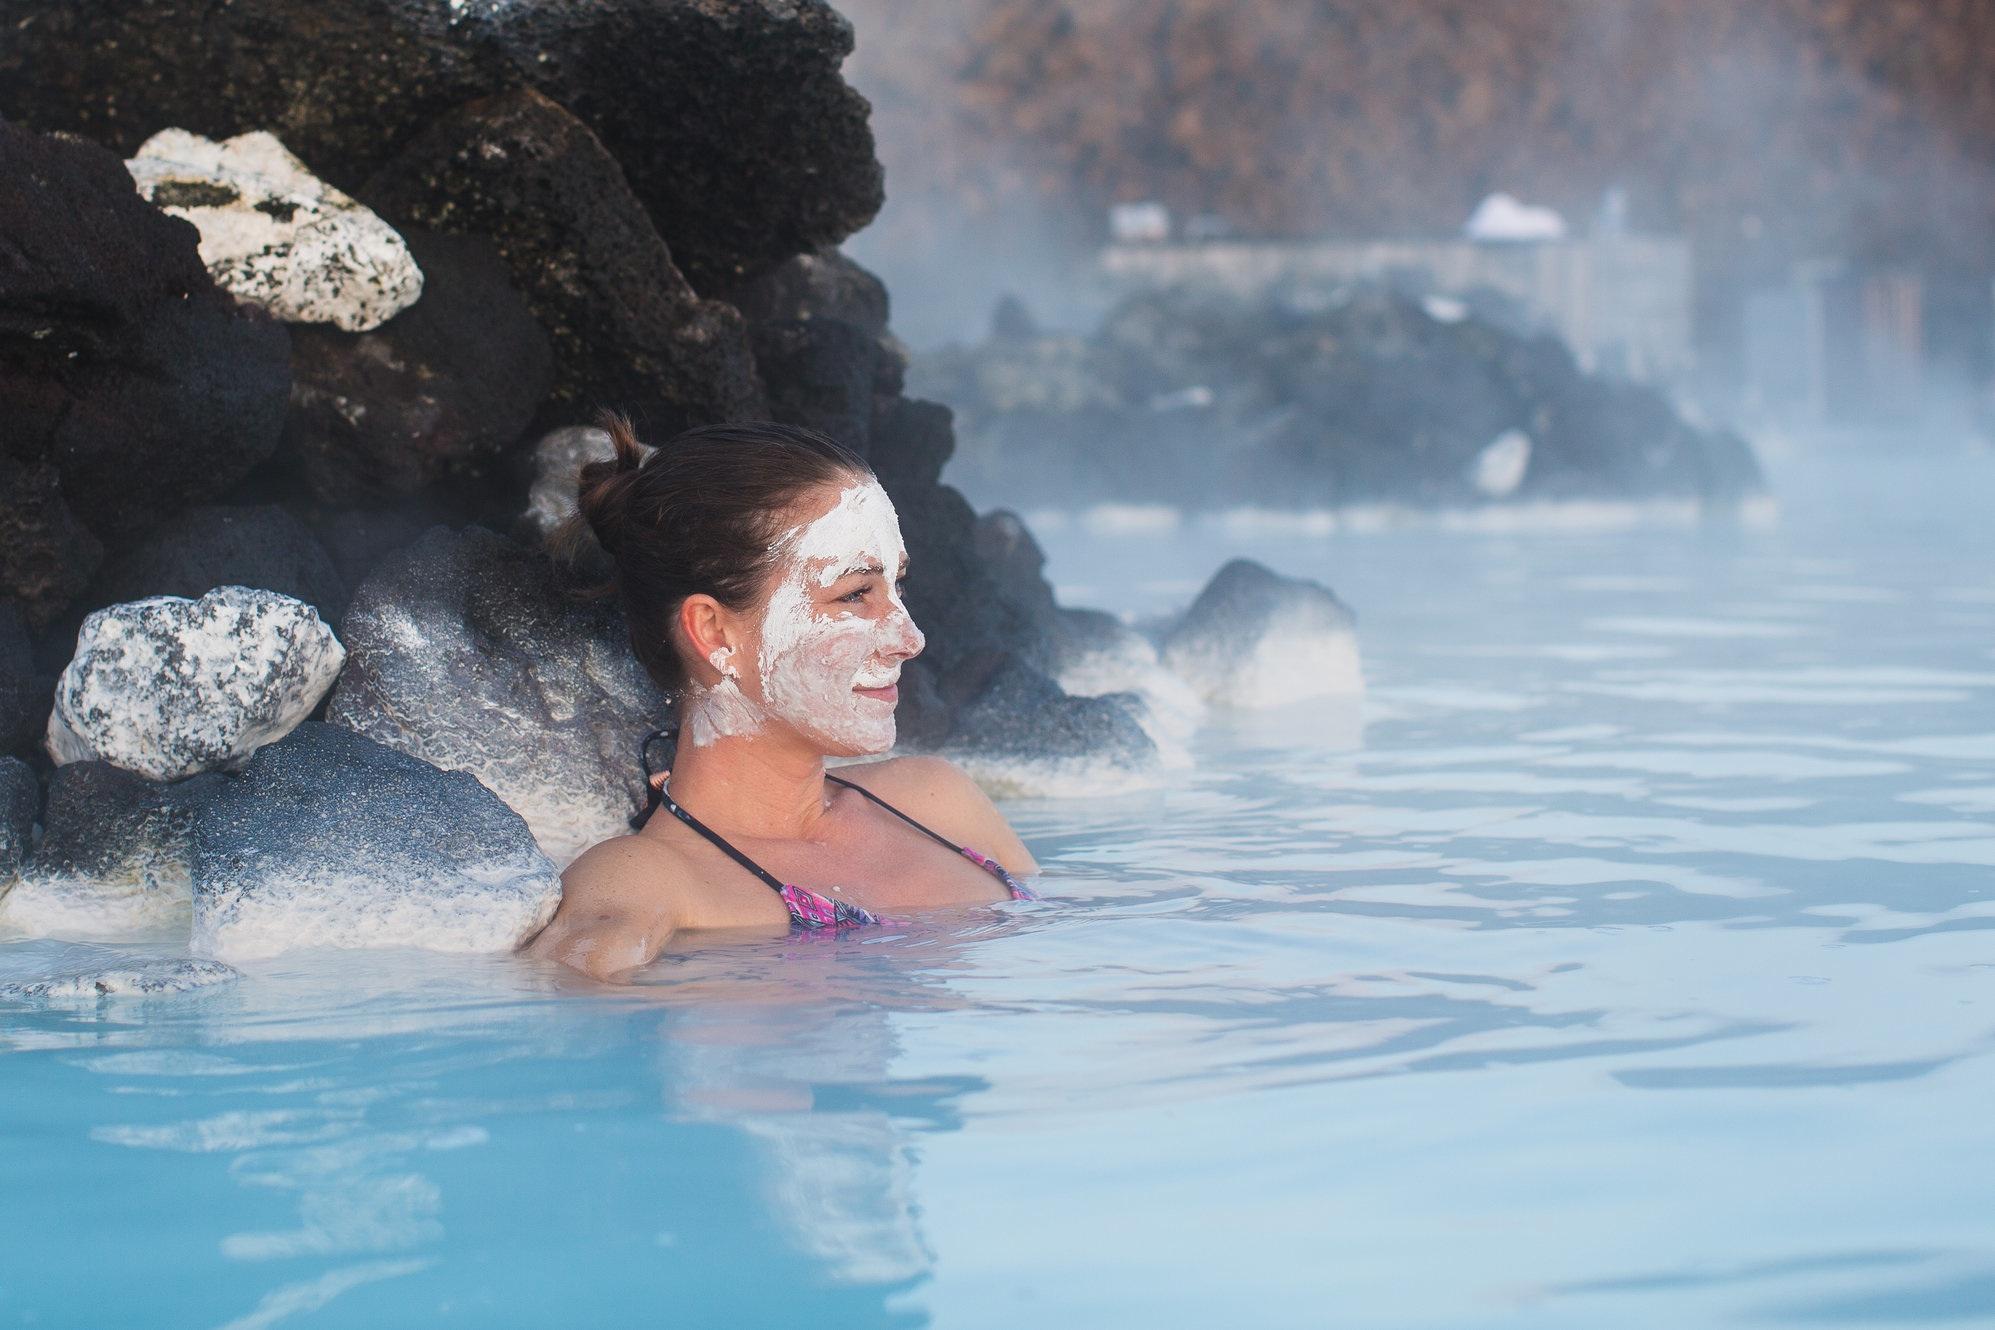 Blå lagunens naturliga värme och mjukgörande alger ger avkoppling och mjukar upp trötta muskler.